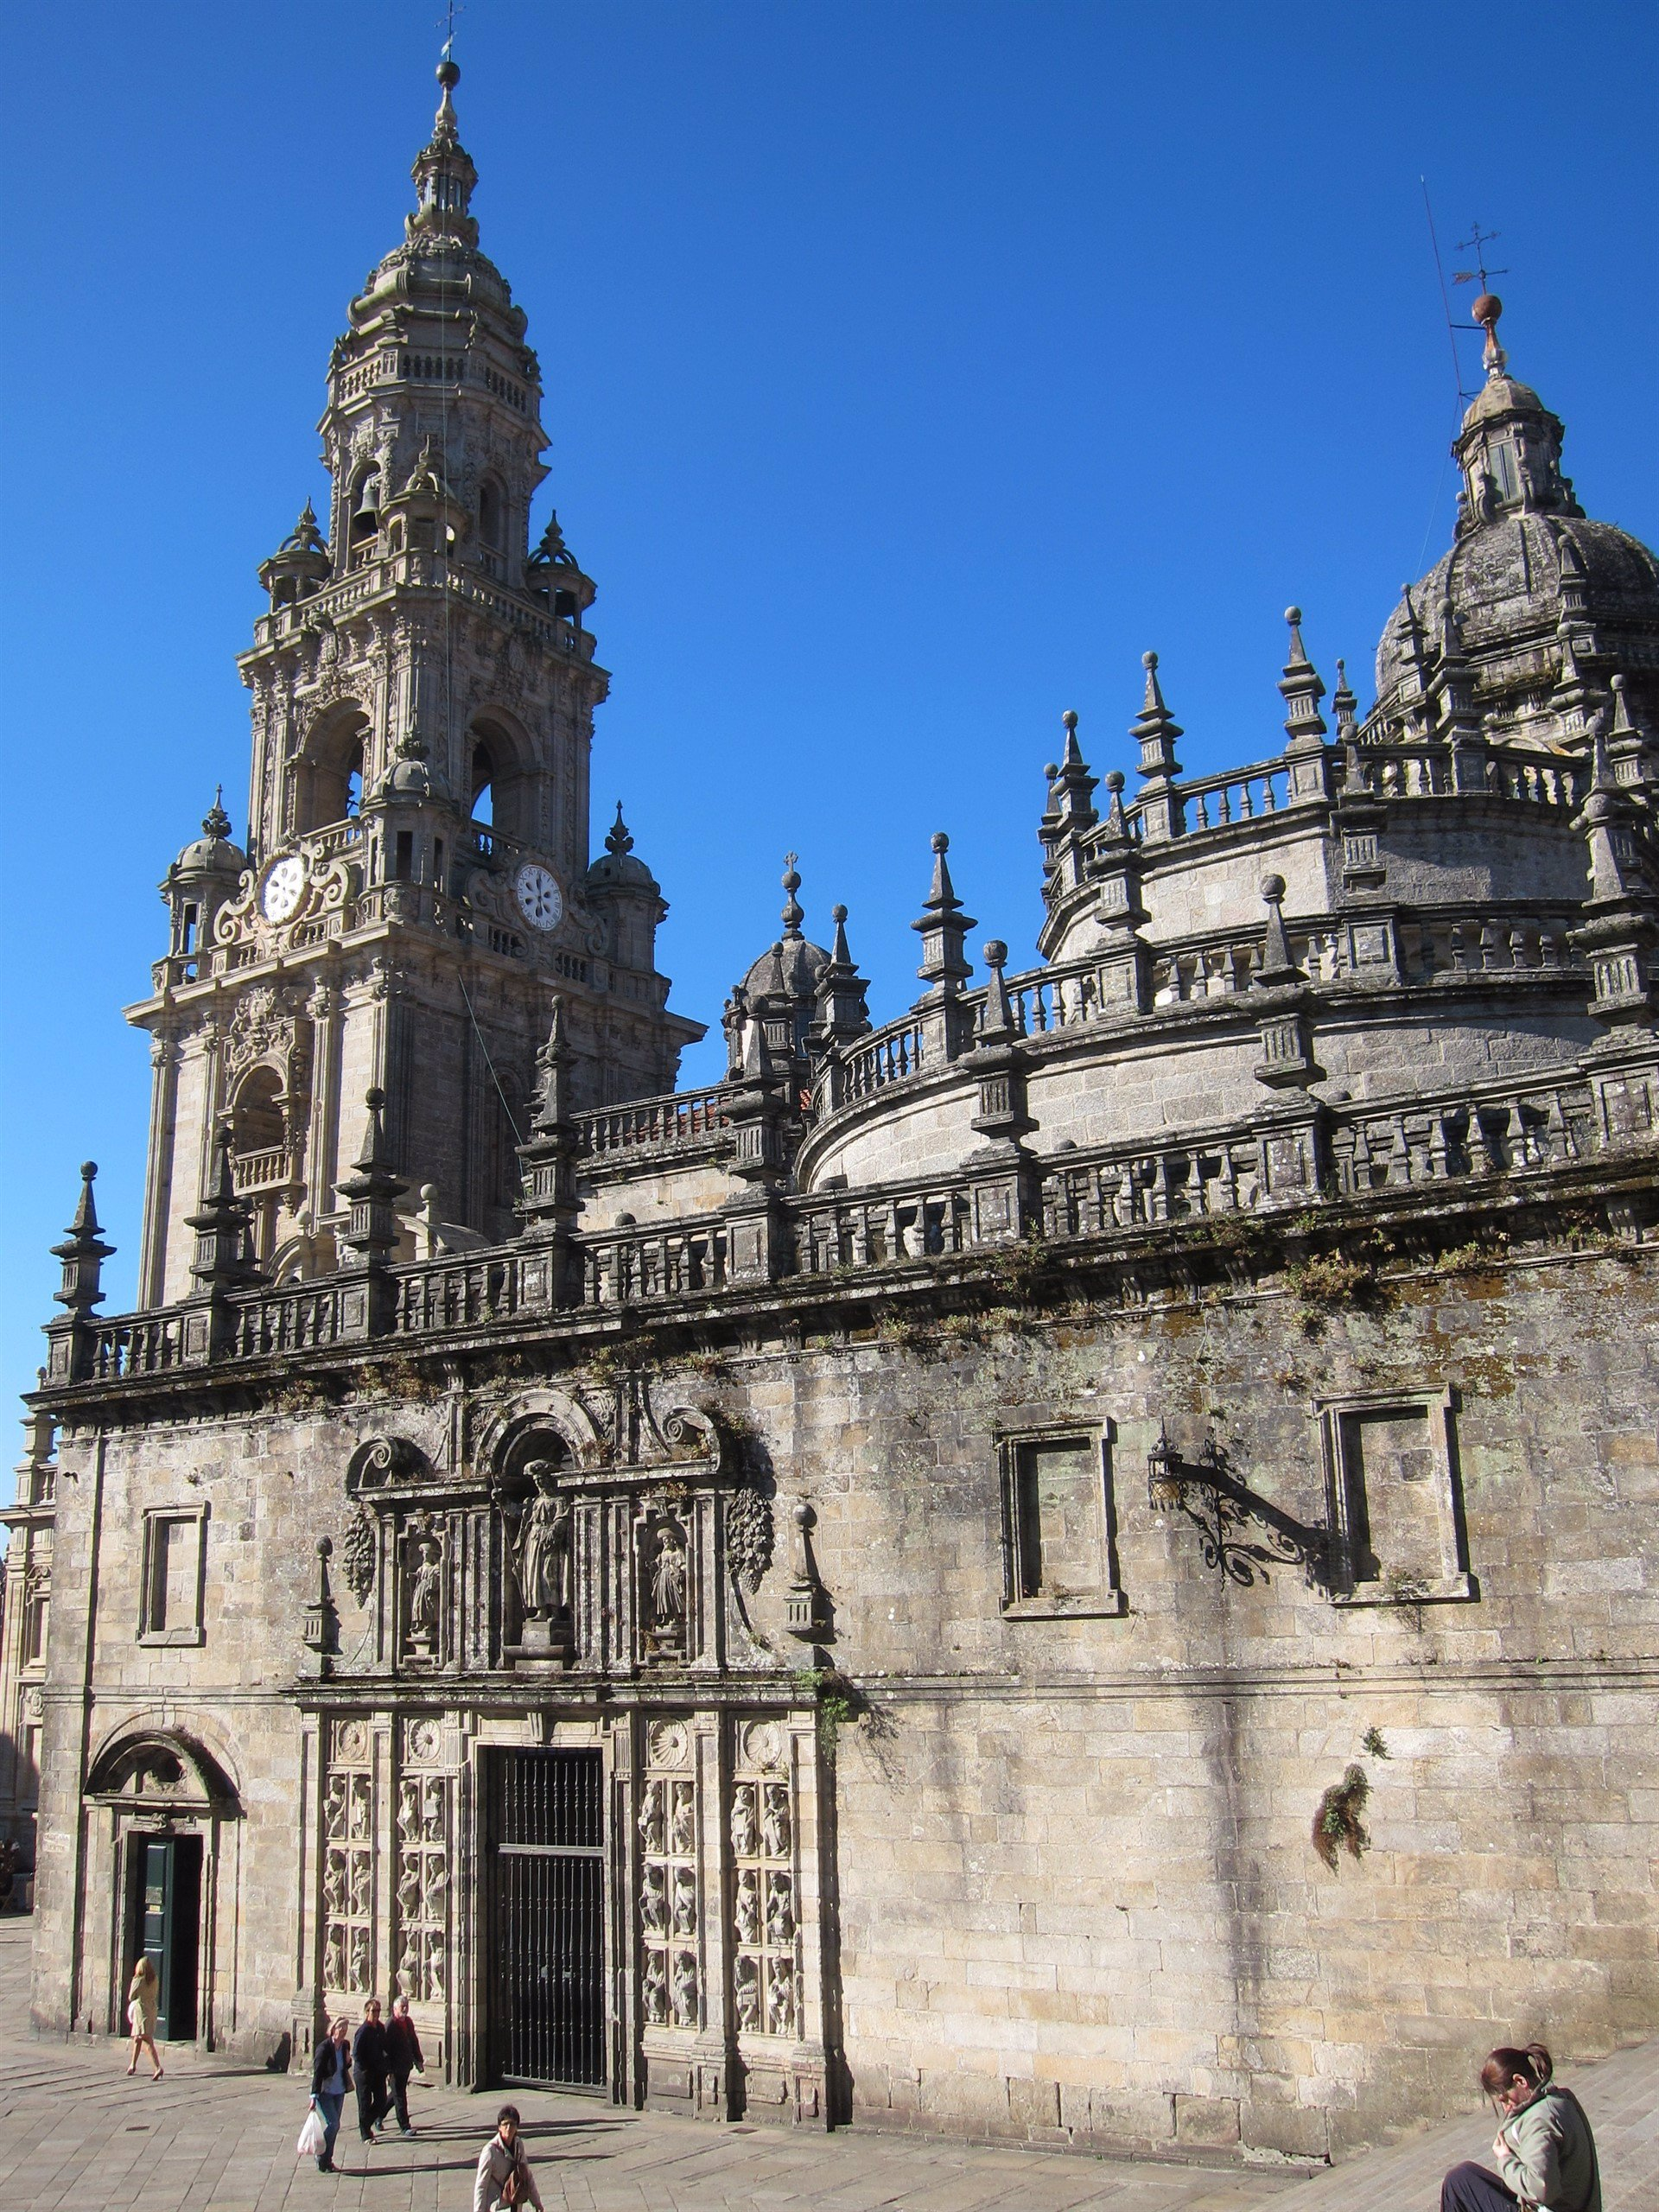 Cu l es la ciudad con mejor reputaci n 39 online 39 de espa a - Cual es la mejor ciudad de espana ...